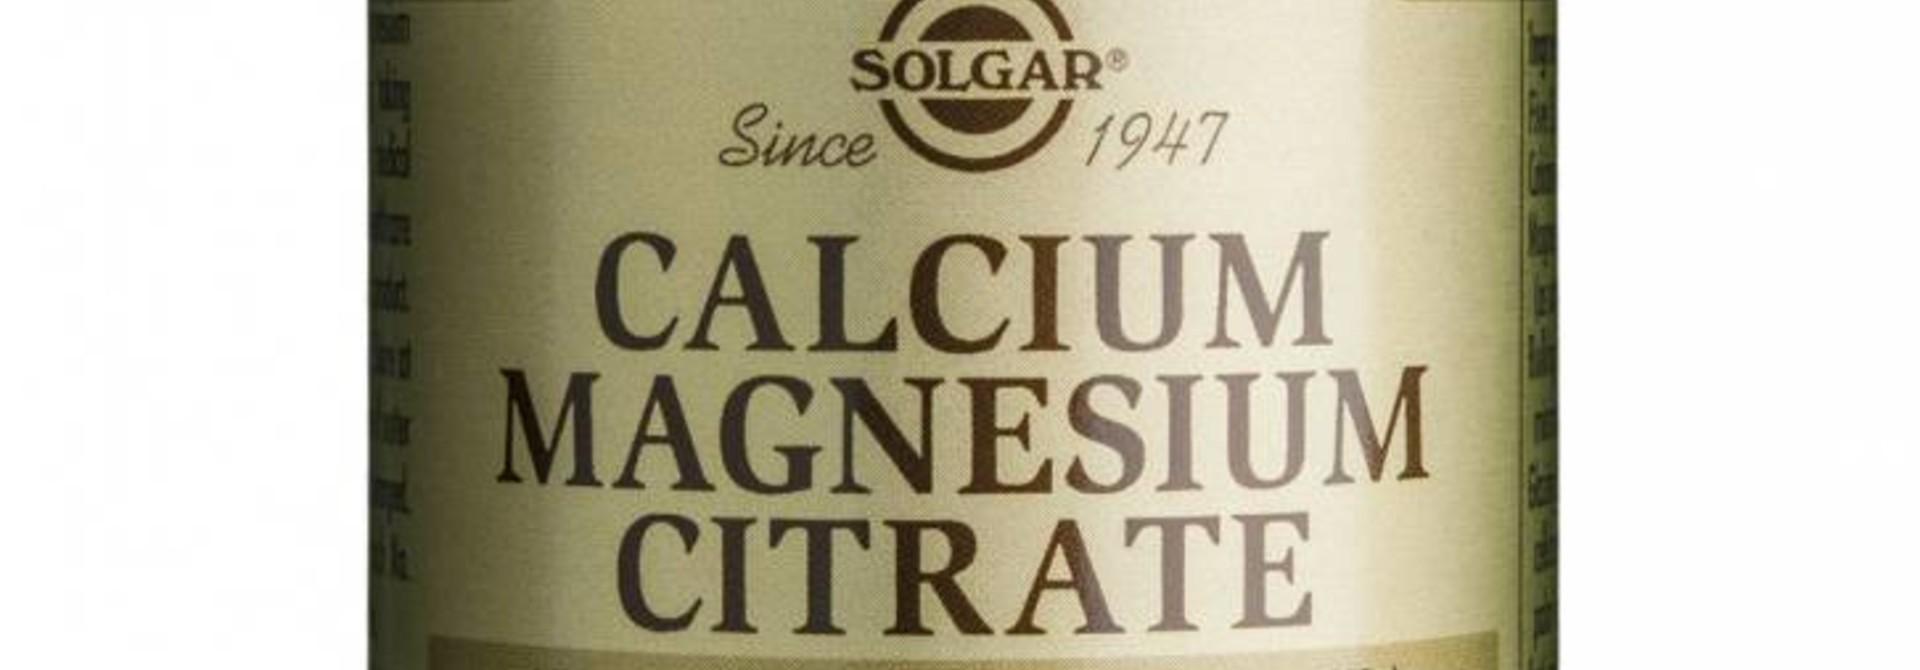 Calcium Magnesium Citrate 250 tabletten